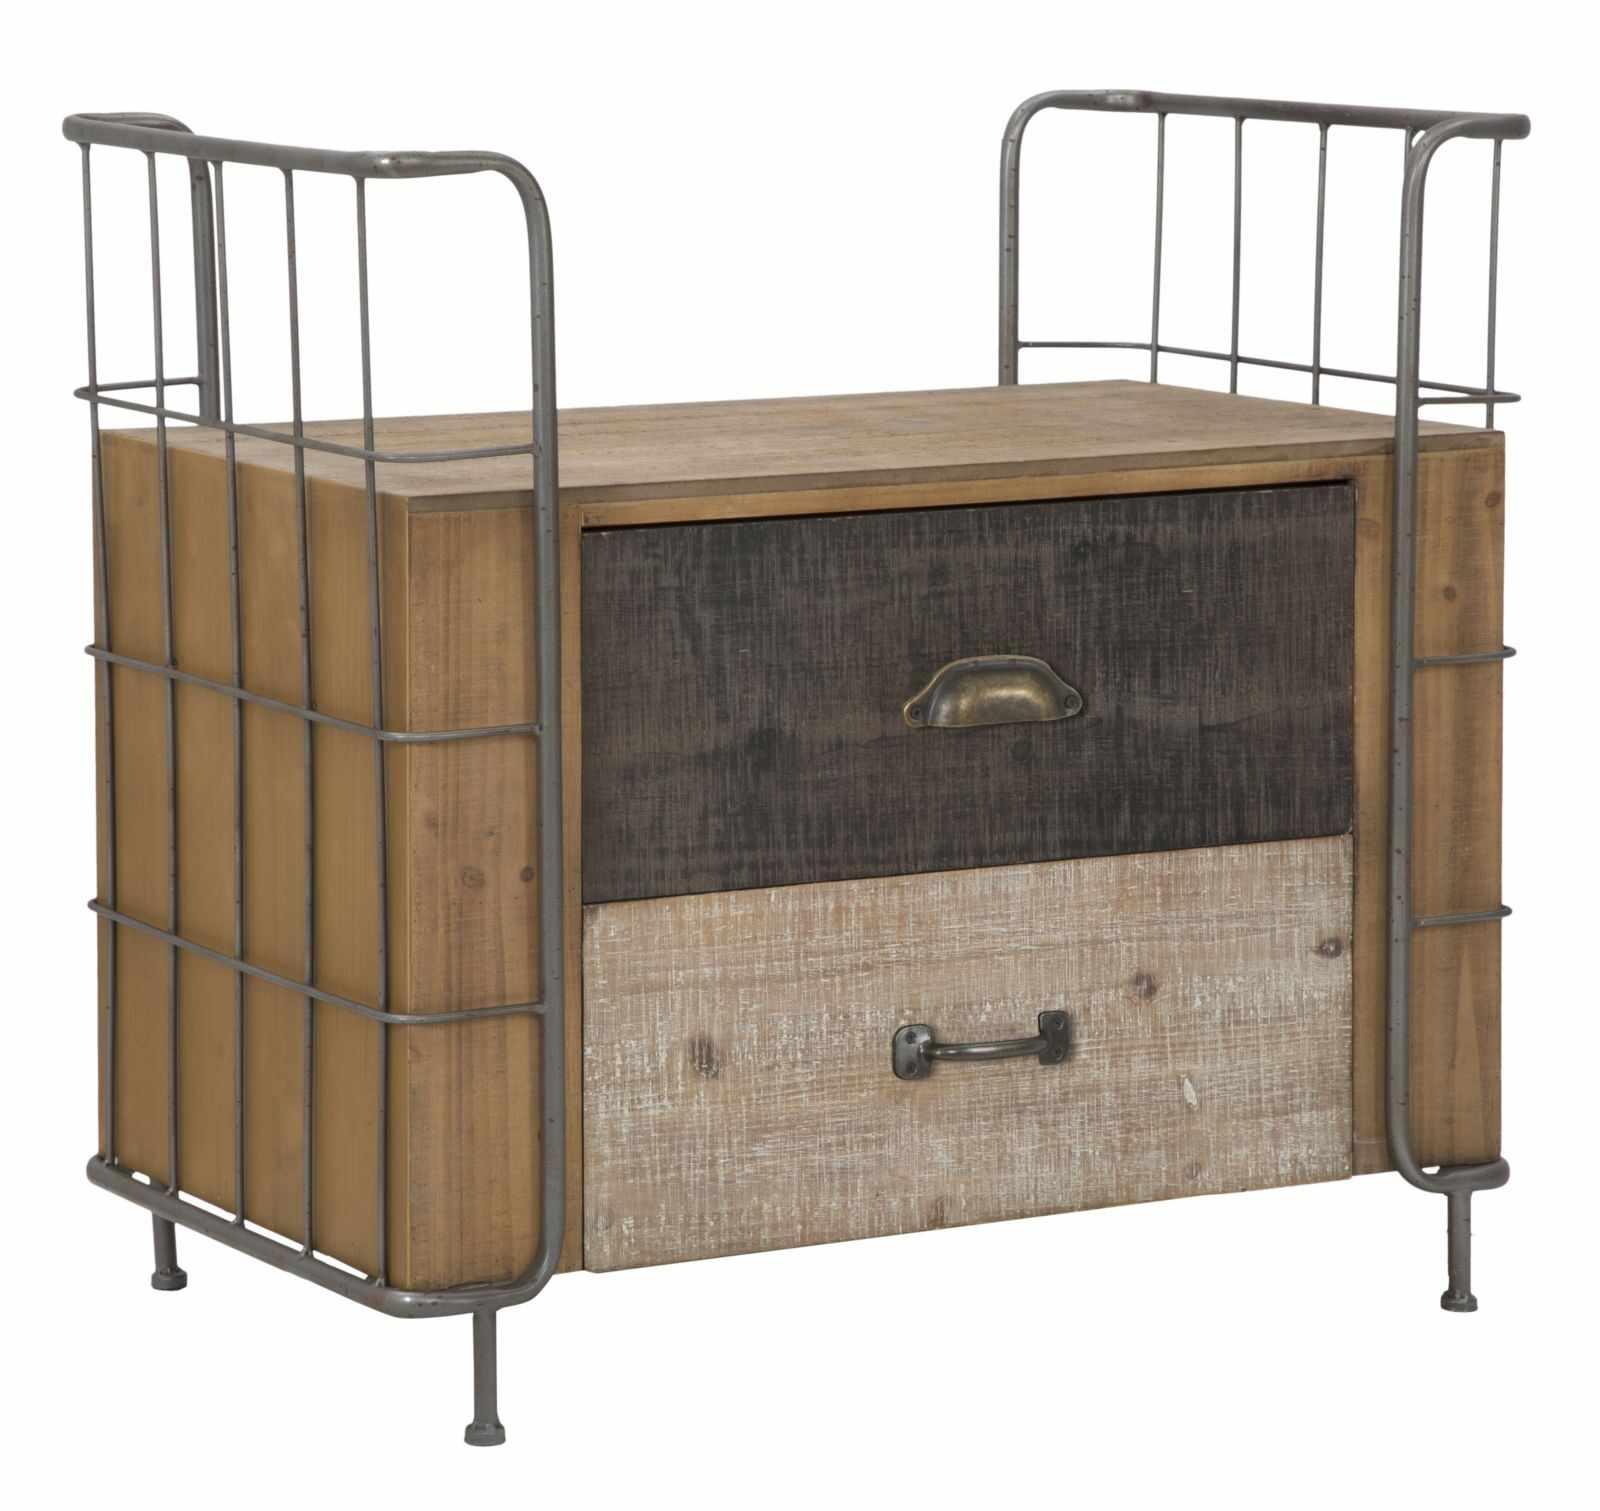 Noptiera din lemn si metal, cu 2 sertare Express Natural, l71,5xA43,5xH67 cm la pret 1056 lei